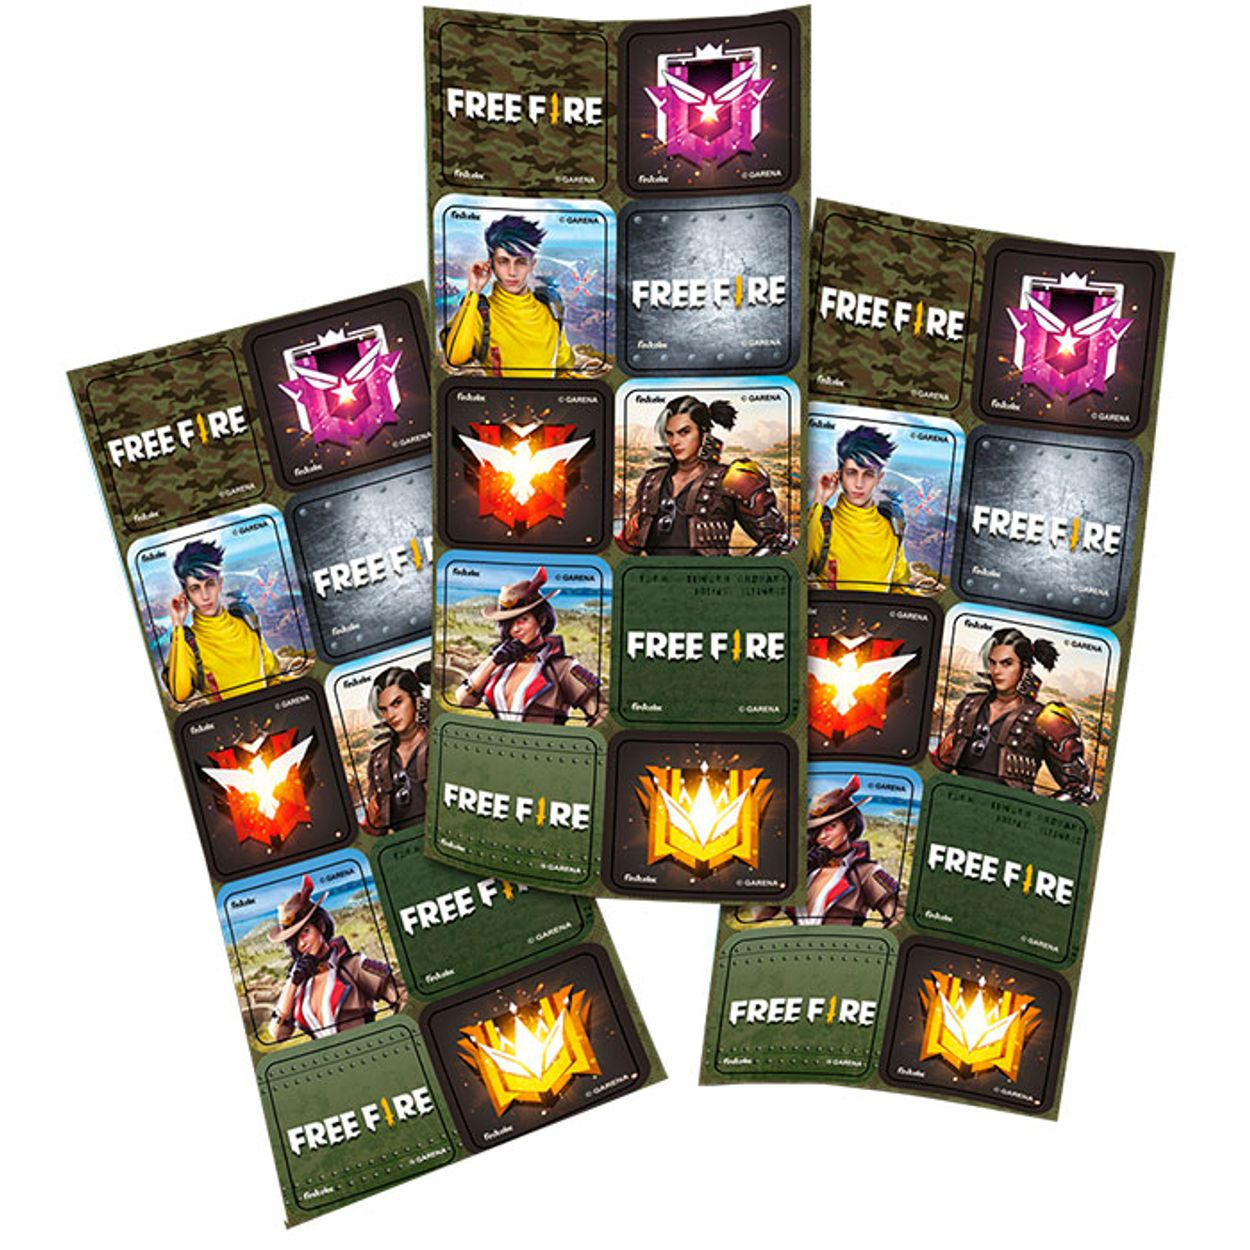 Adesivo Decorativo Free Fire- 30 Unidades